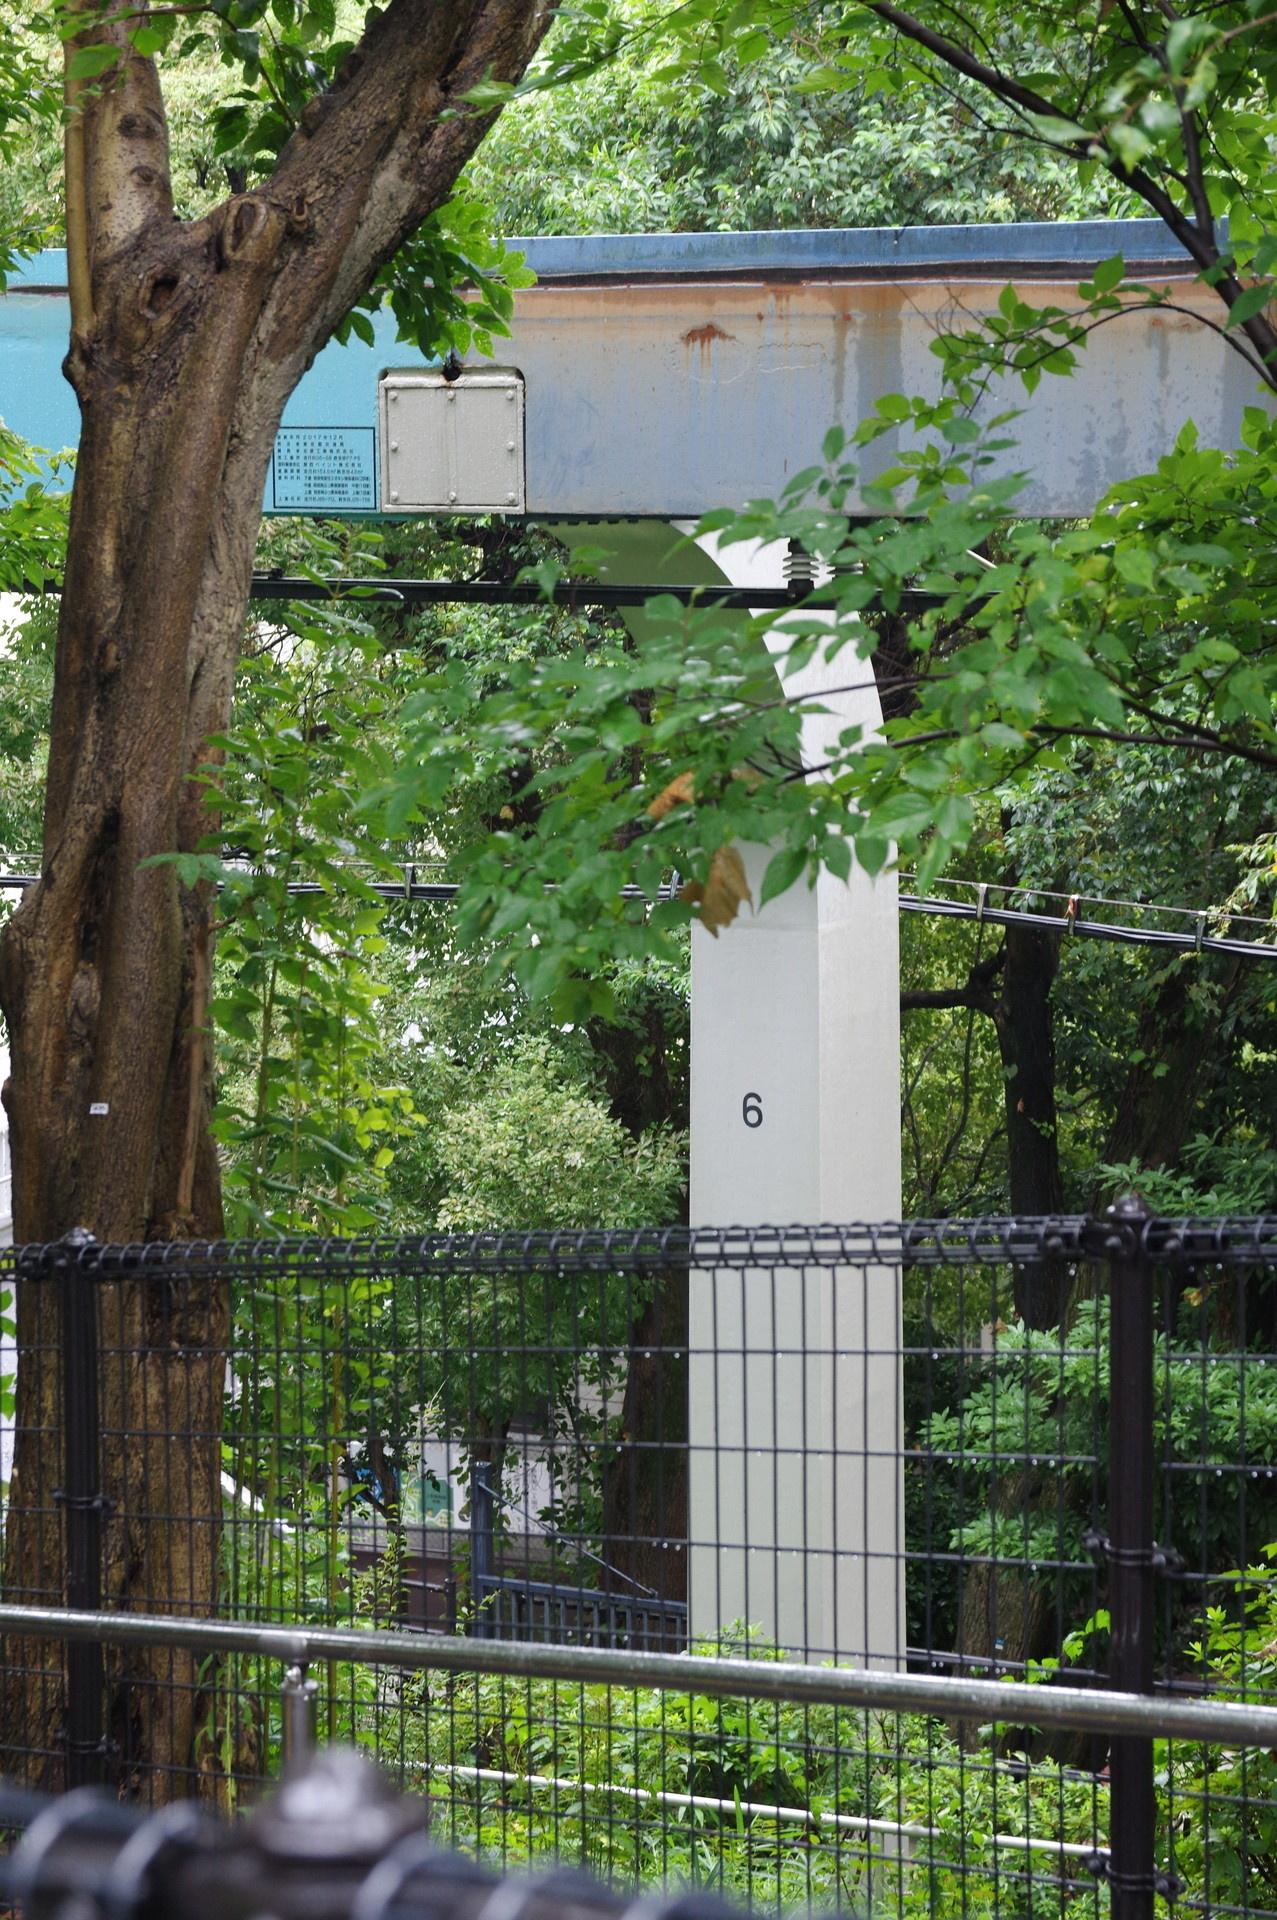 6番橋脚と色が変わったレール